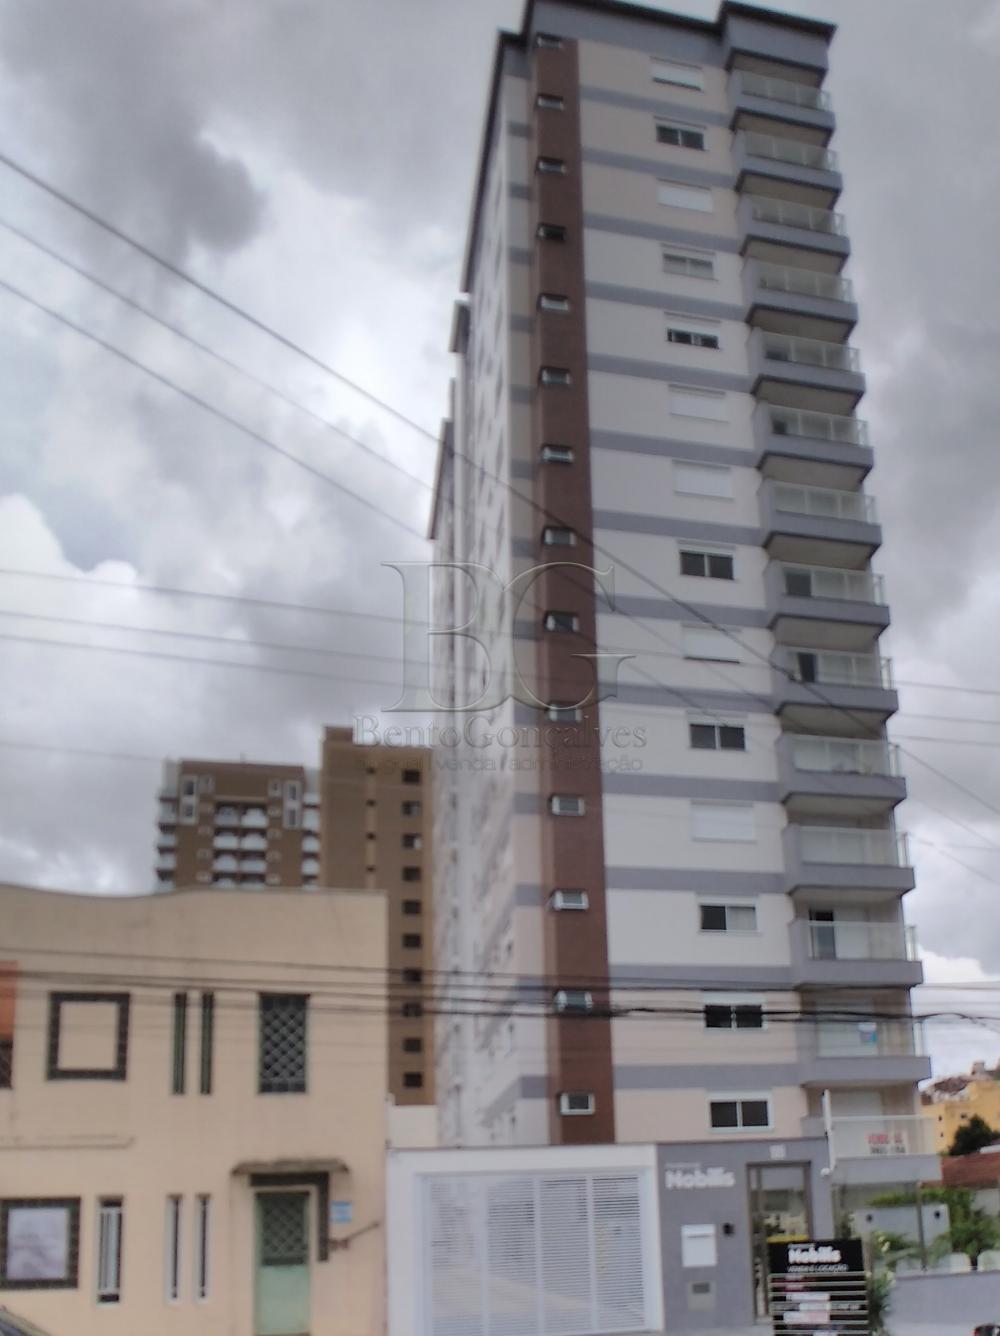 Pocos de Caldas Apartamento Venda R$1.180.000,00 3 Dormitorios 3 Suites Area construida 193.00m2